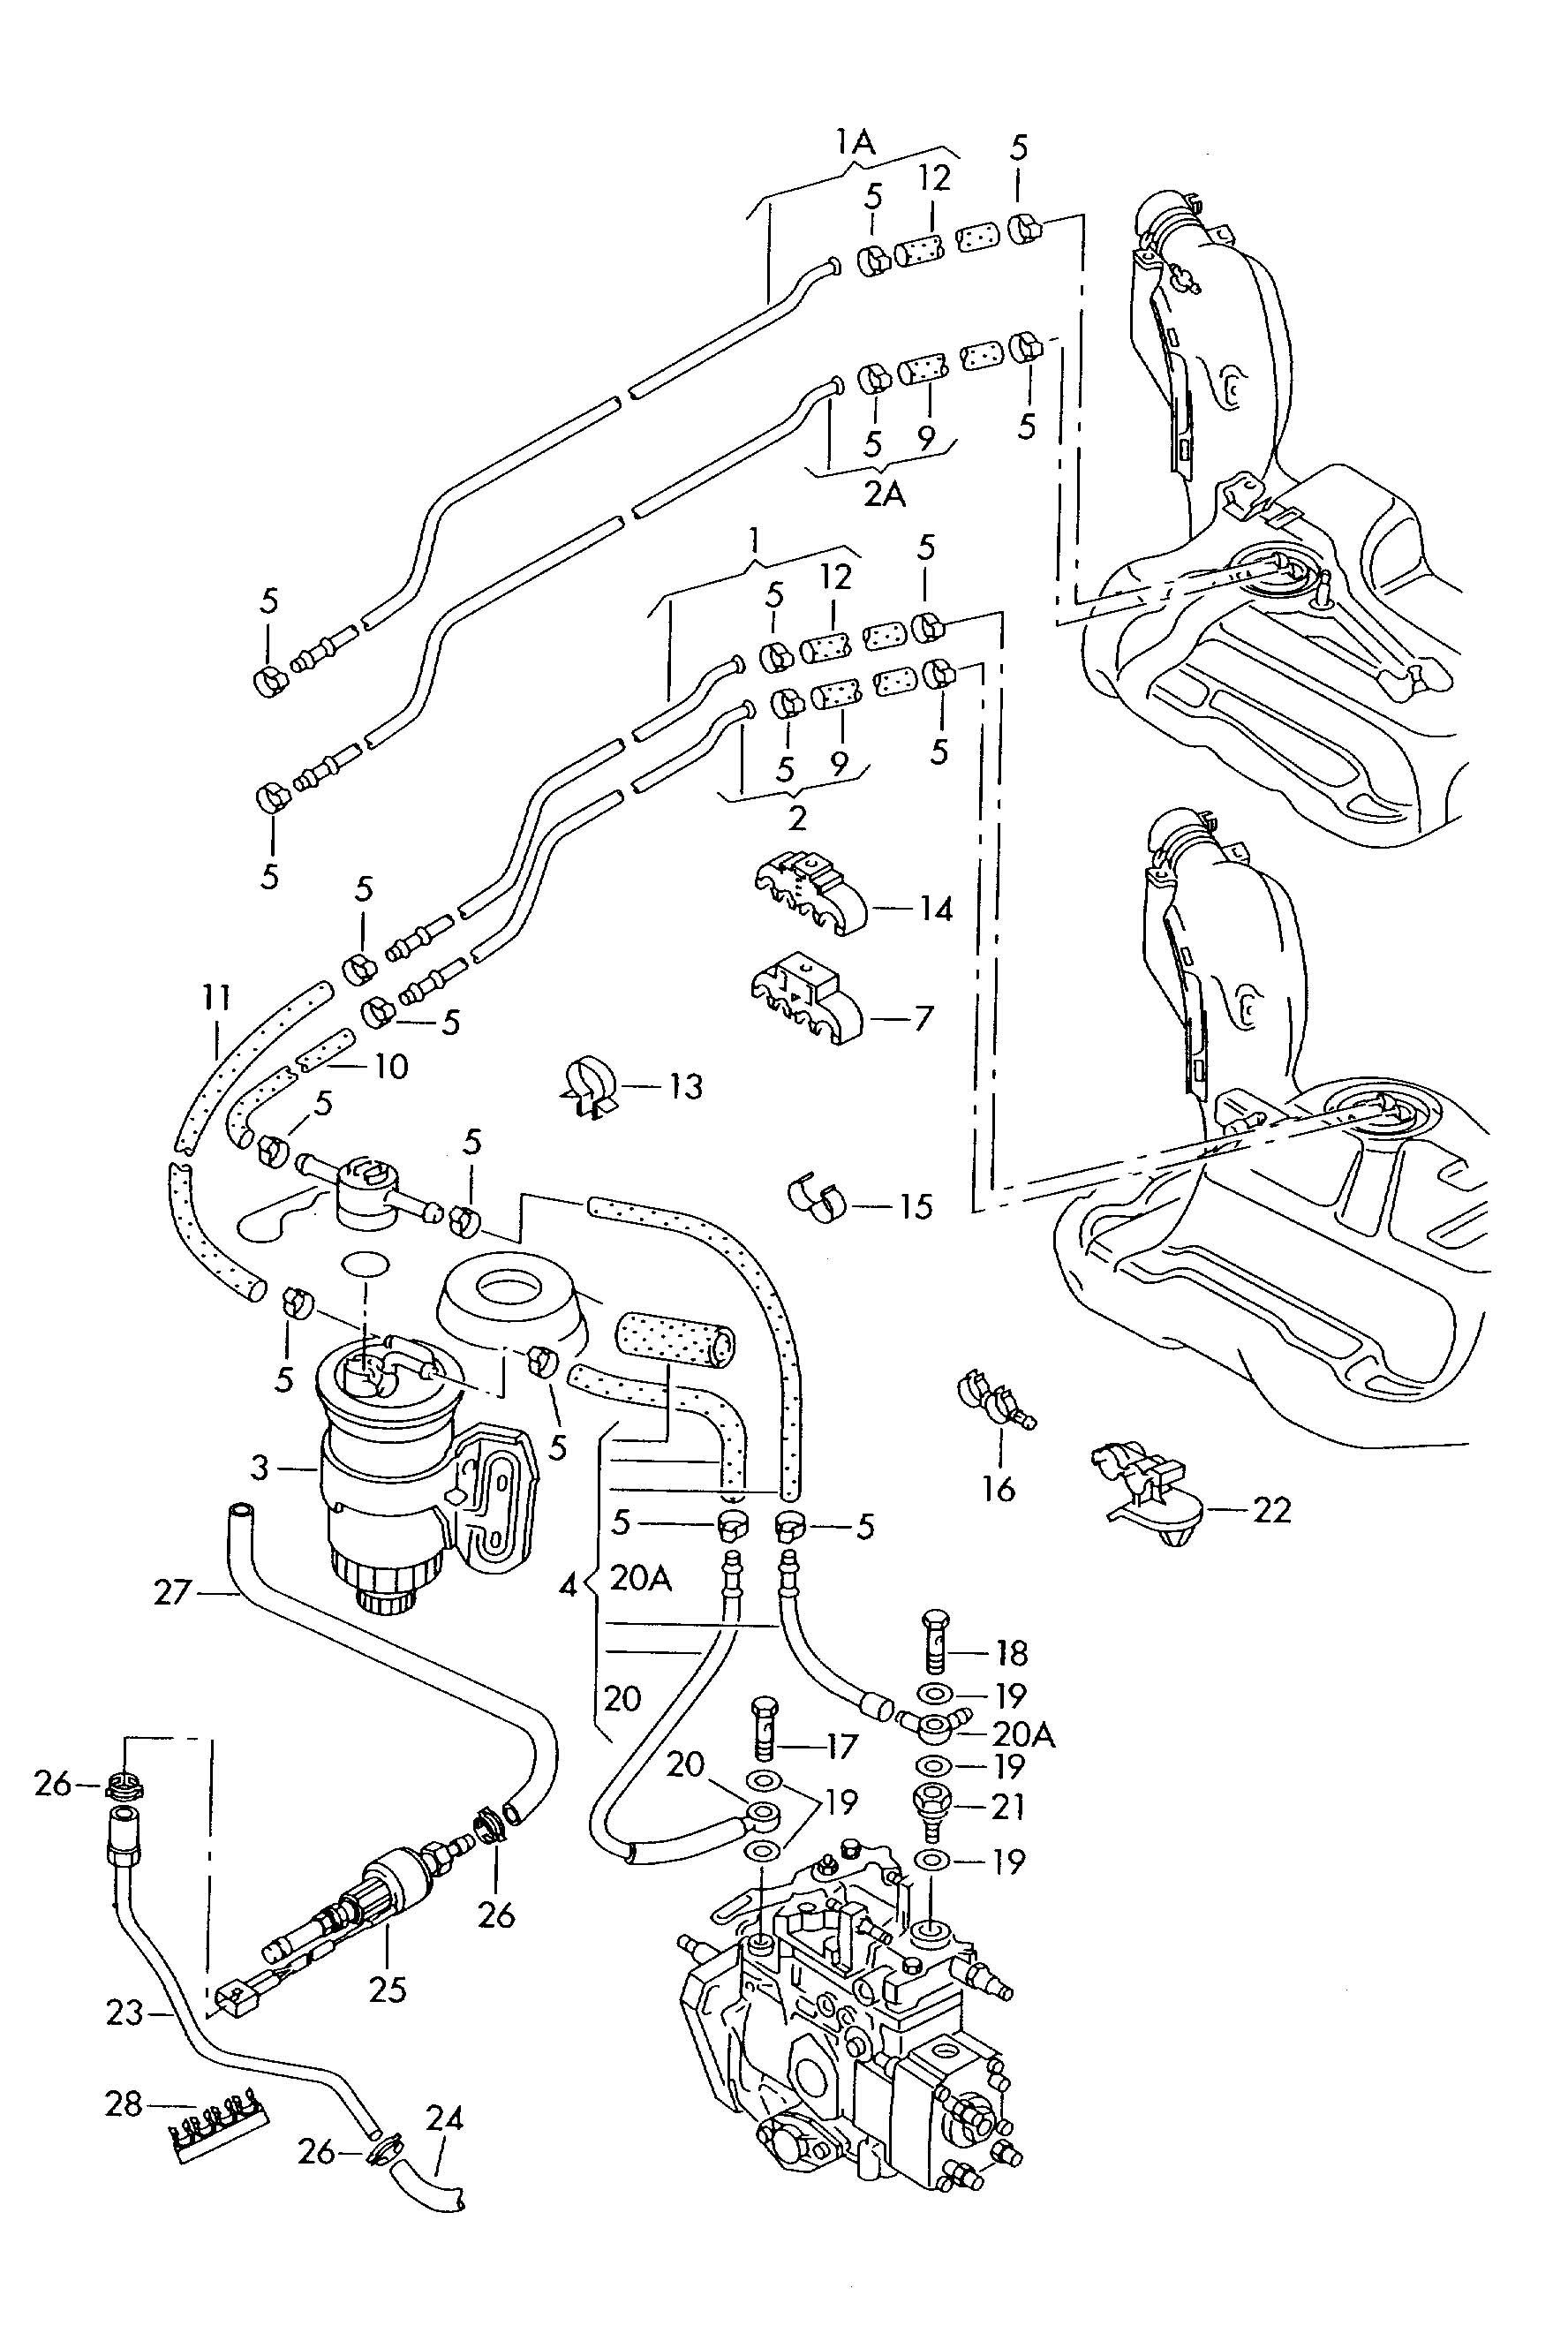 1999 volkswagen passat fuel filter replacement